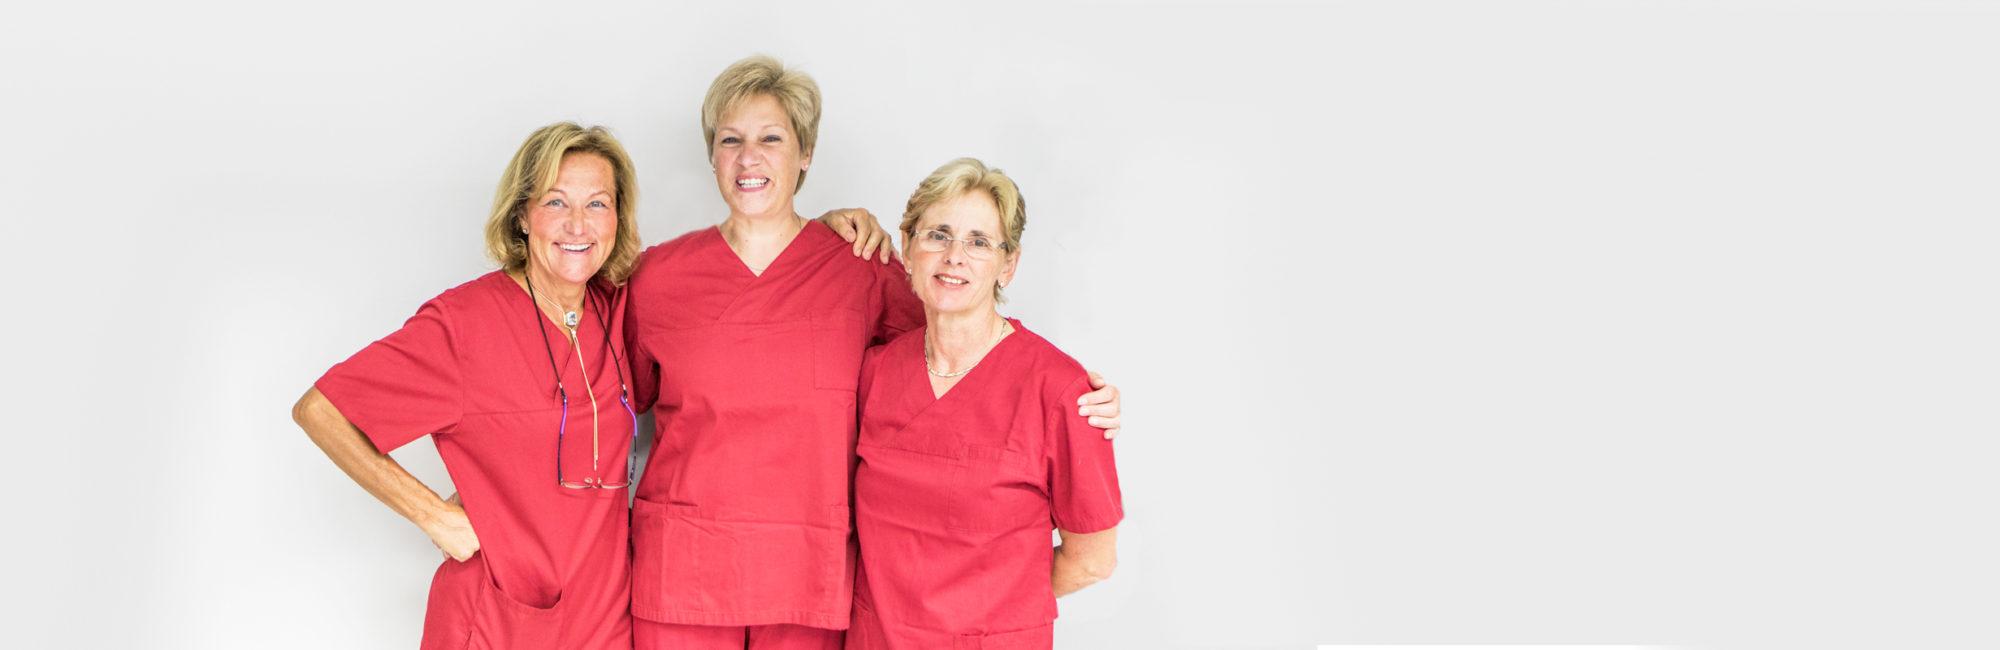 chirurgie-bocholt-dorner-partner